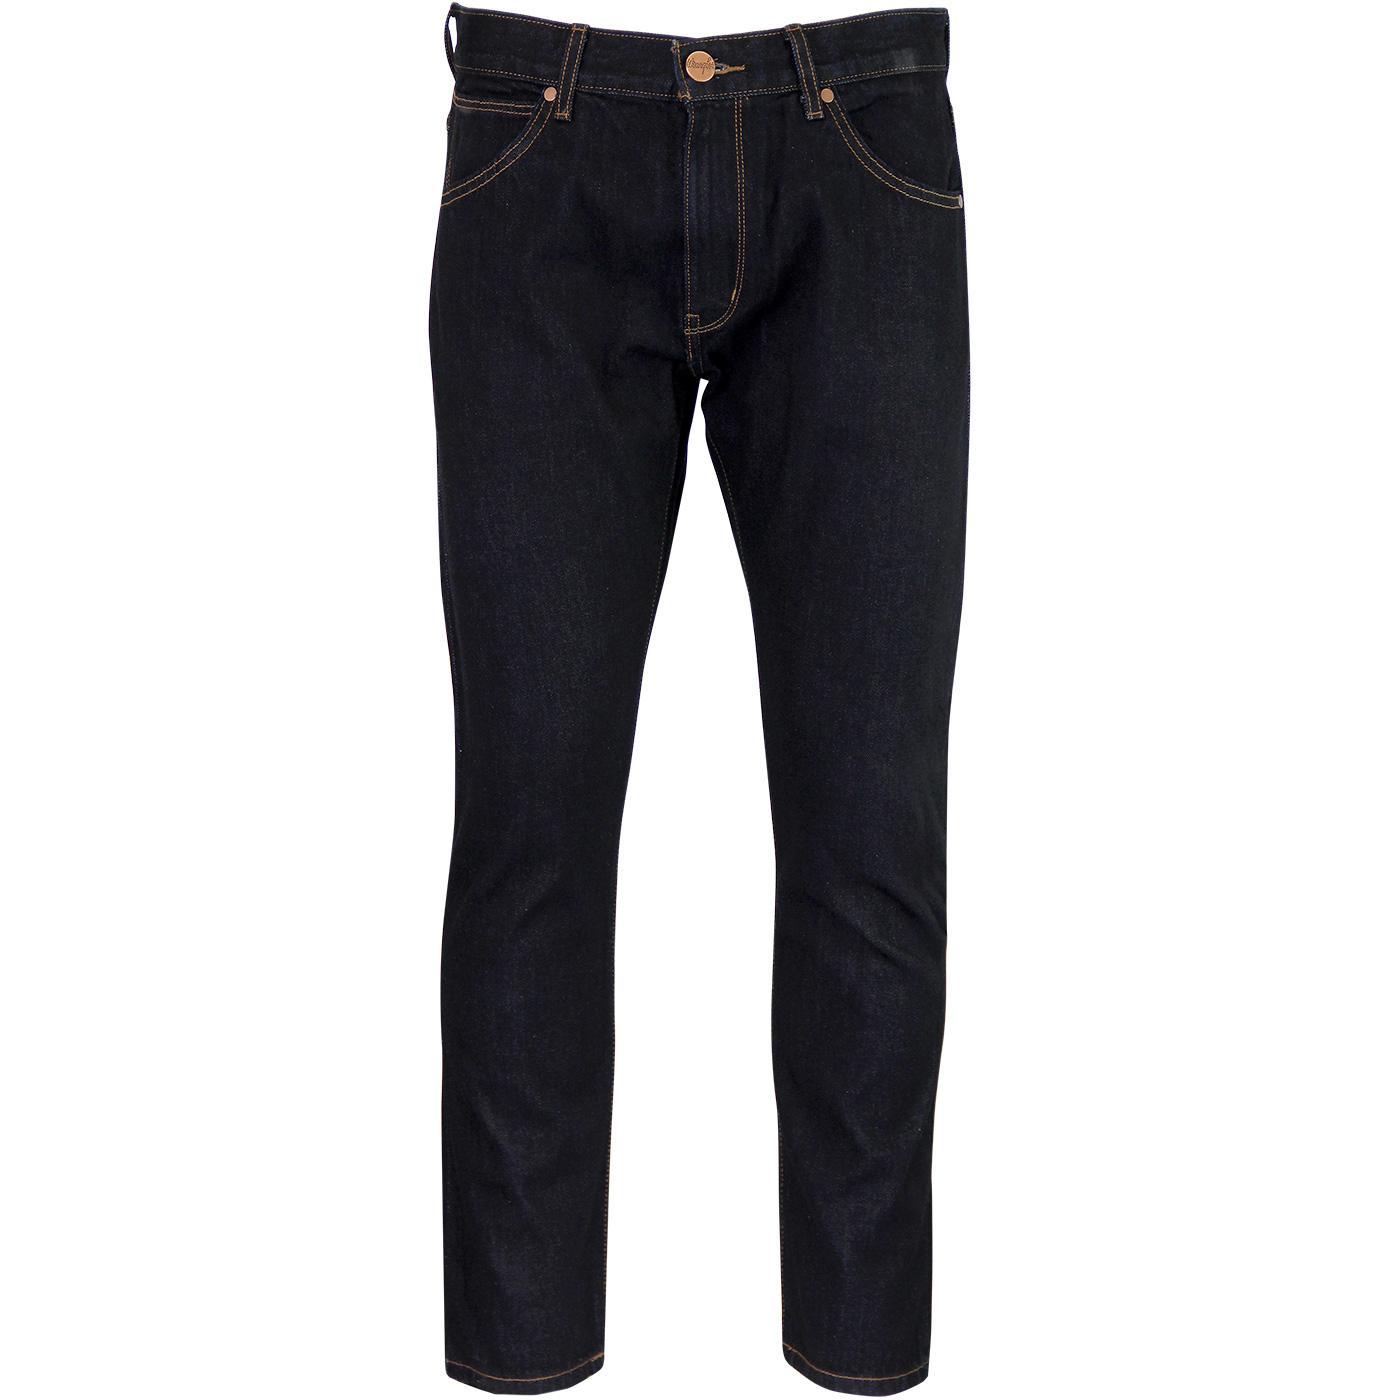 Larston WRANGLER Slim Tapered Jeans in Dry Run